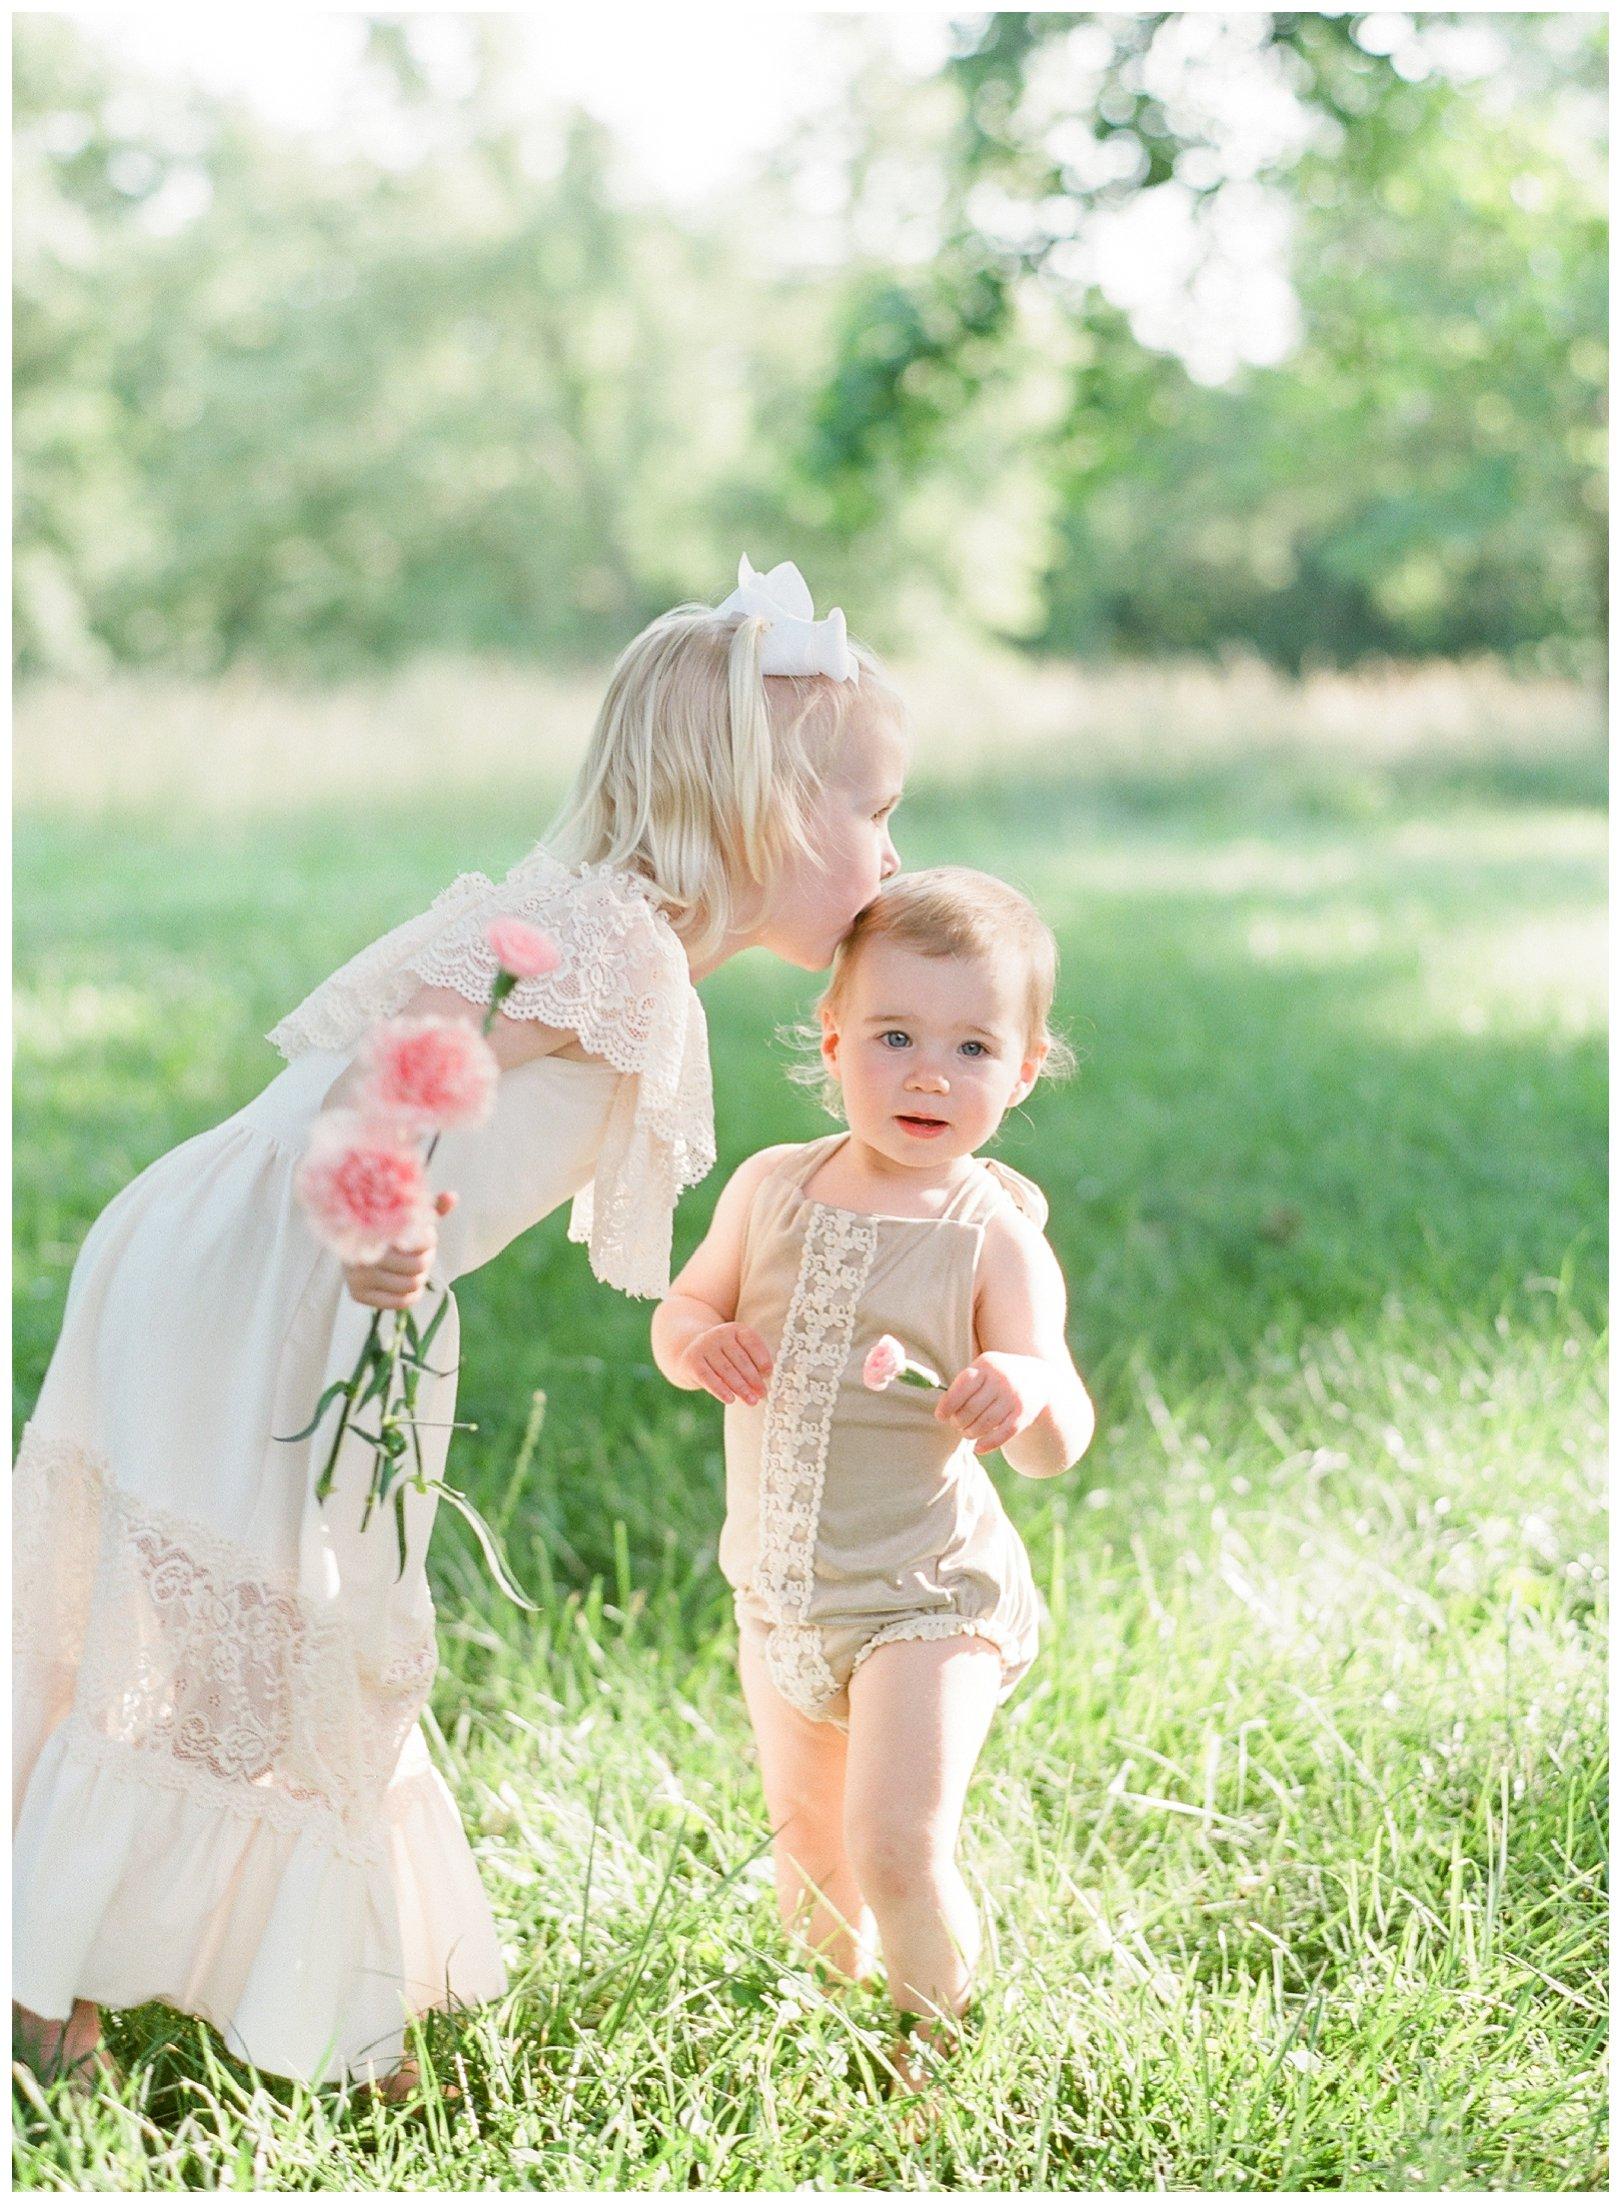 lauren muckler photography_fine art film wedding photography_st louis_photography_2997.jpg